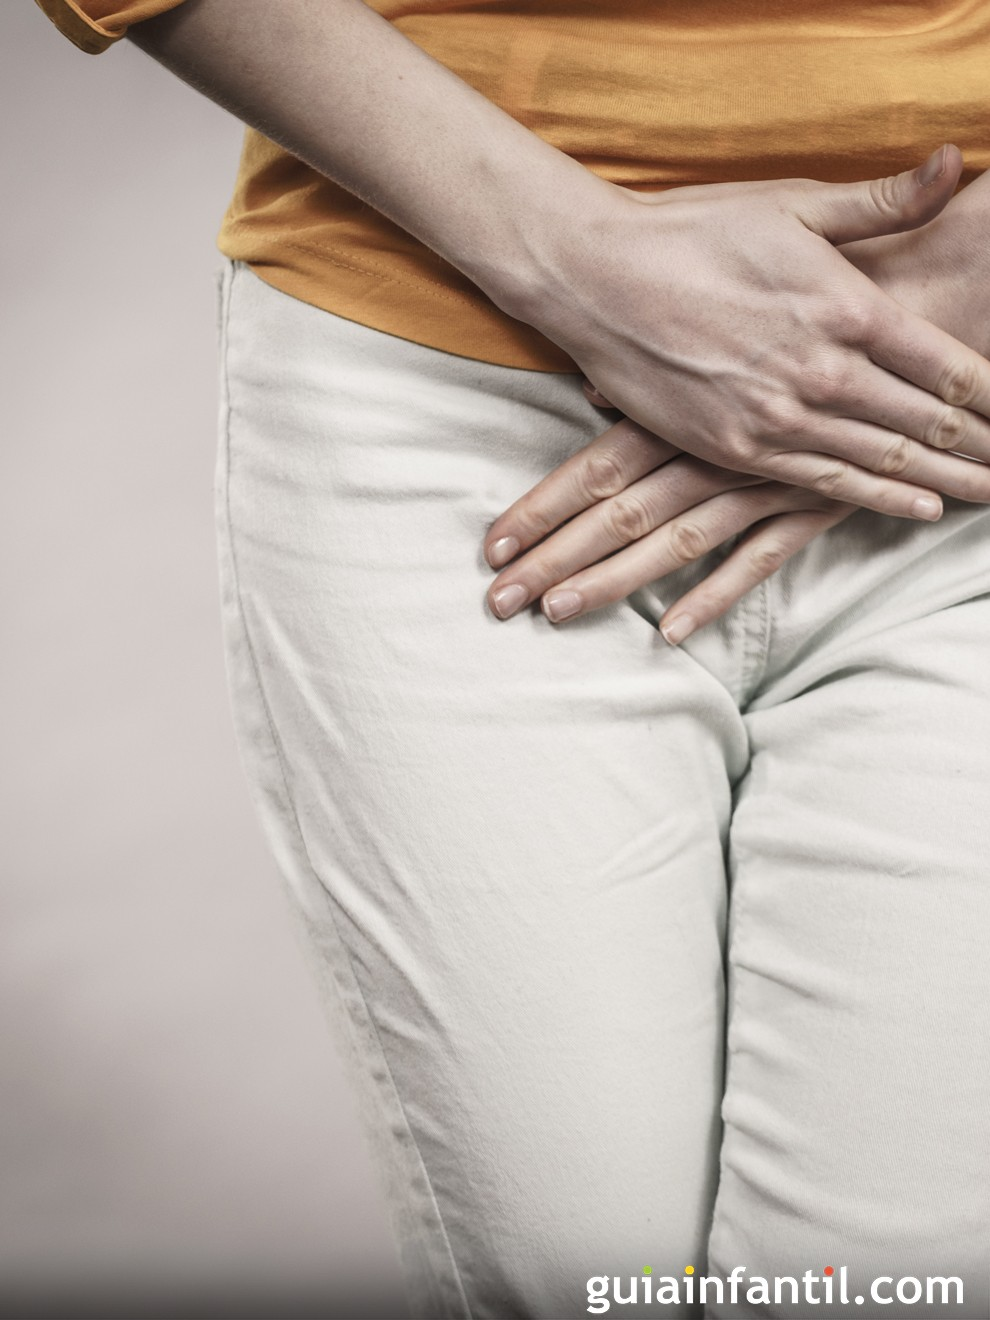 De dolor embarazo ovario derecho sintoma de